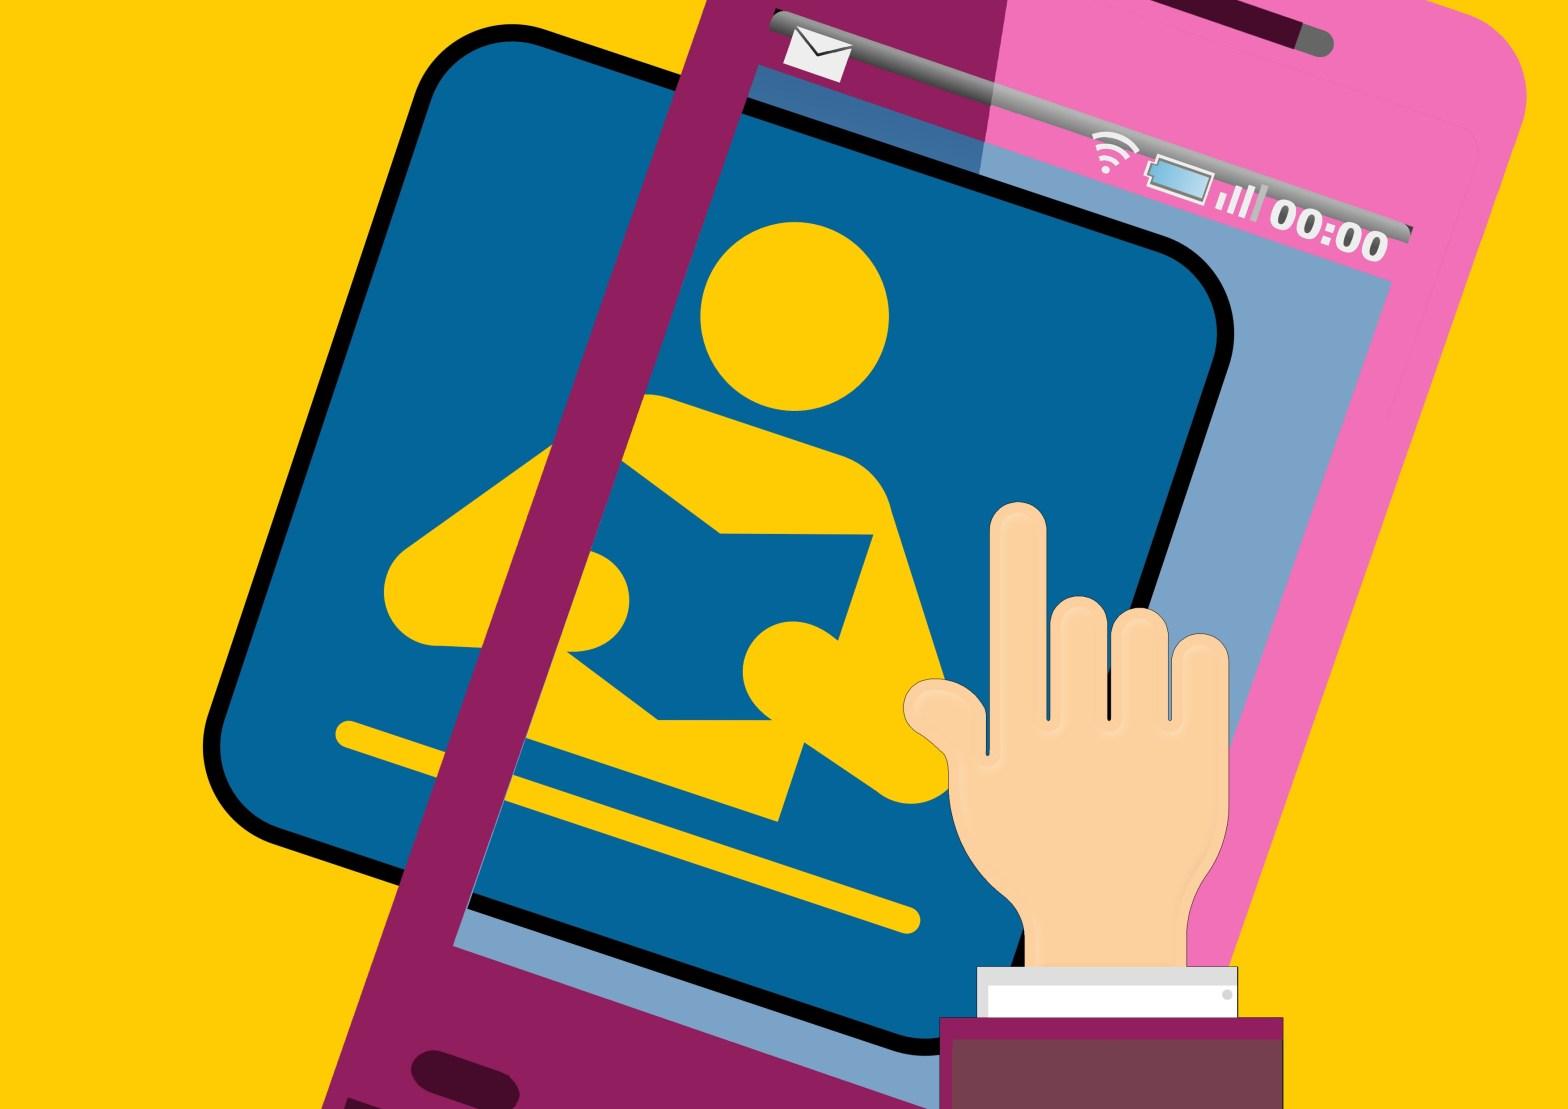 Imagen de un celular con un libro en la pantalla